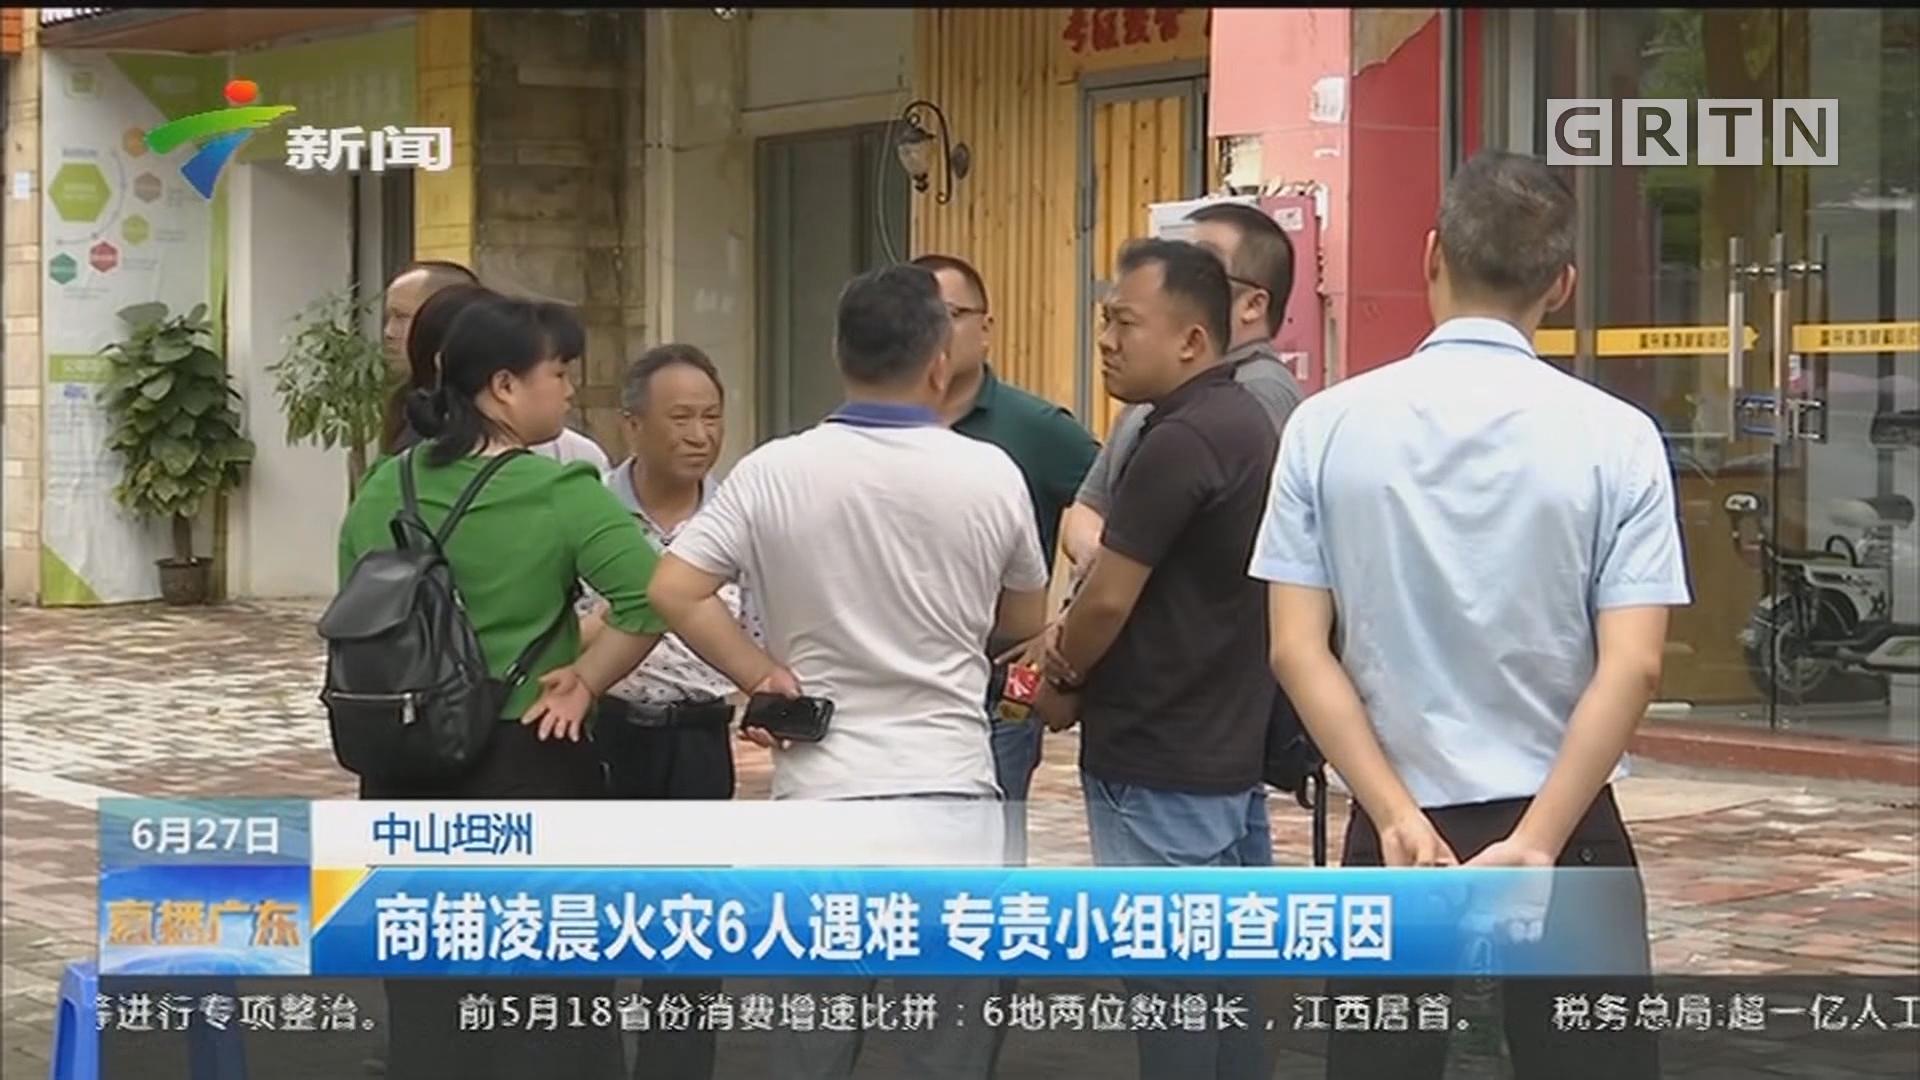 中山坦洲:商铺凌晨火灾6人遇难 专责小组调查原因